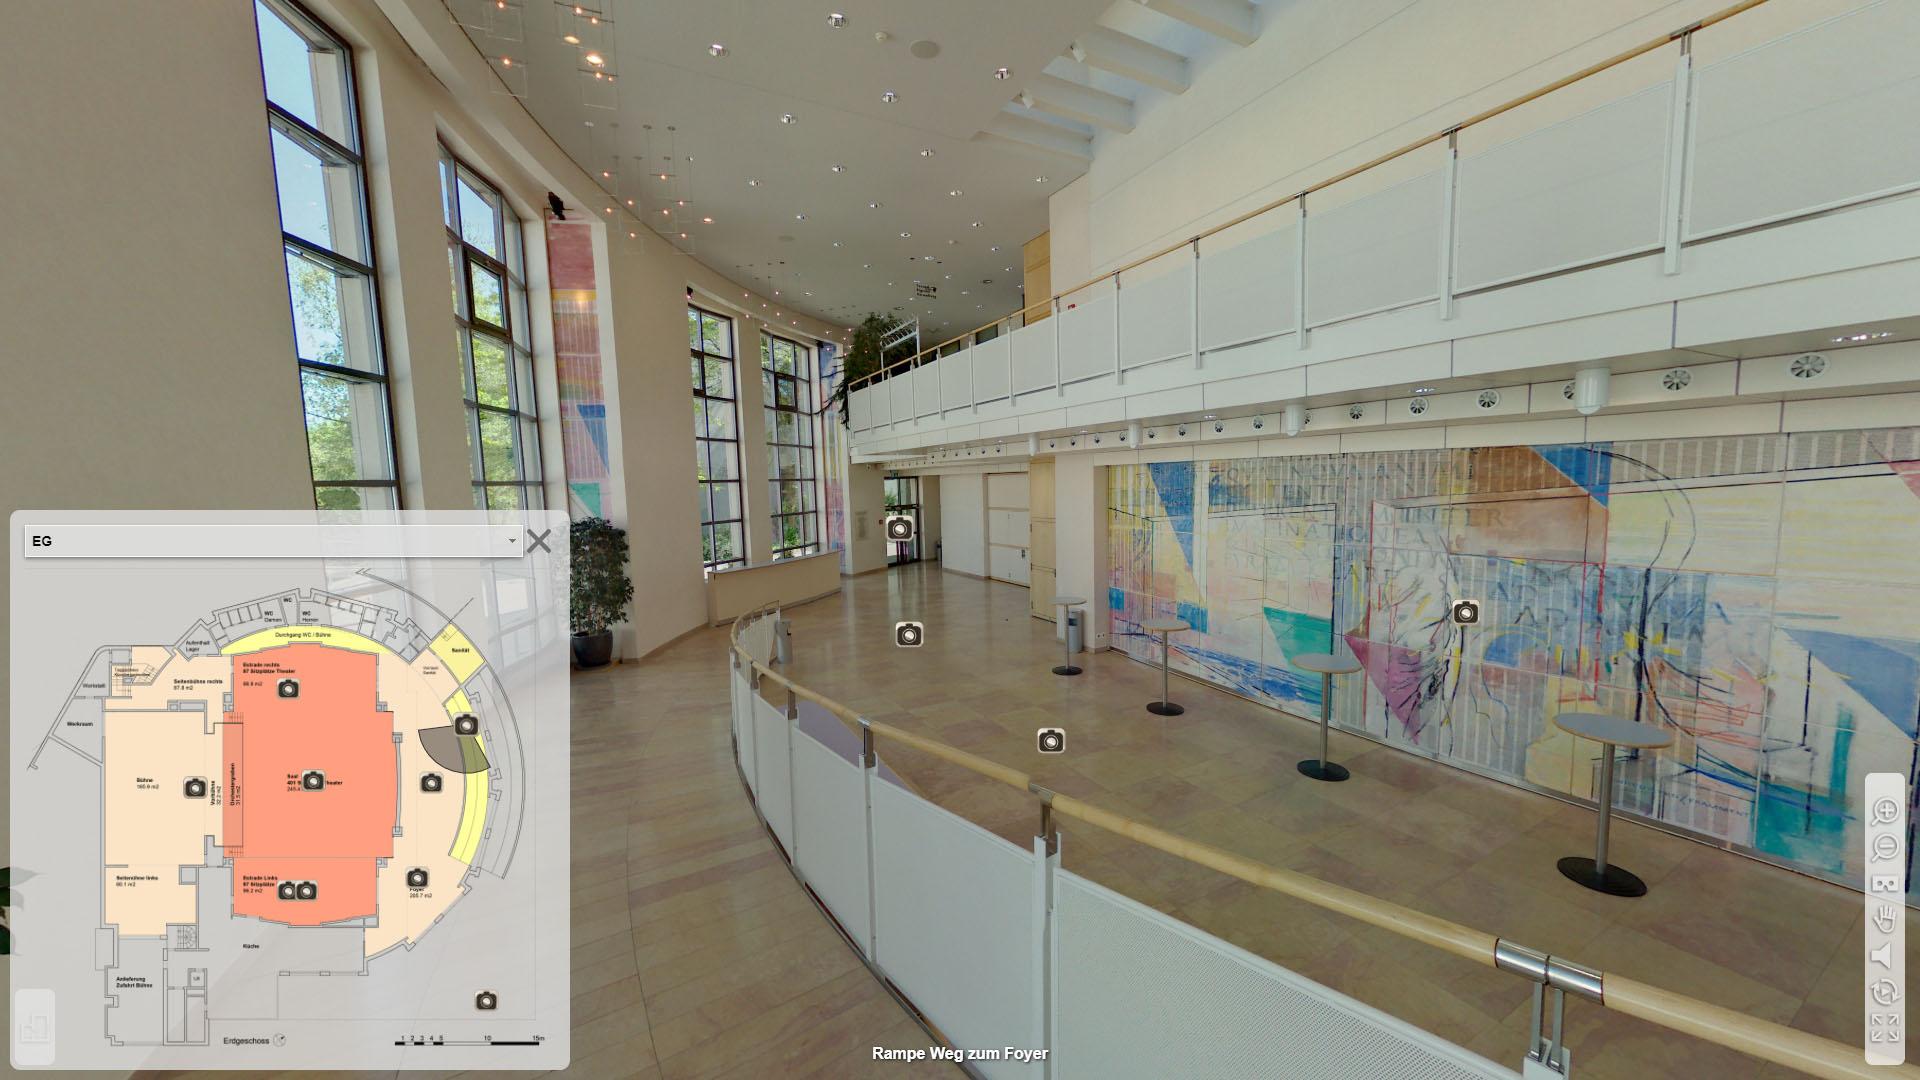 Lorzensaal Cham Rampe Weg zum Foyer mit Grundrissplan